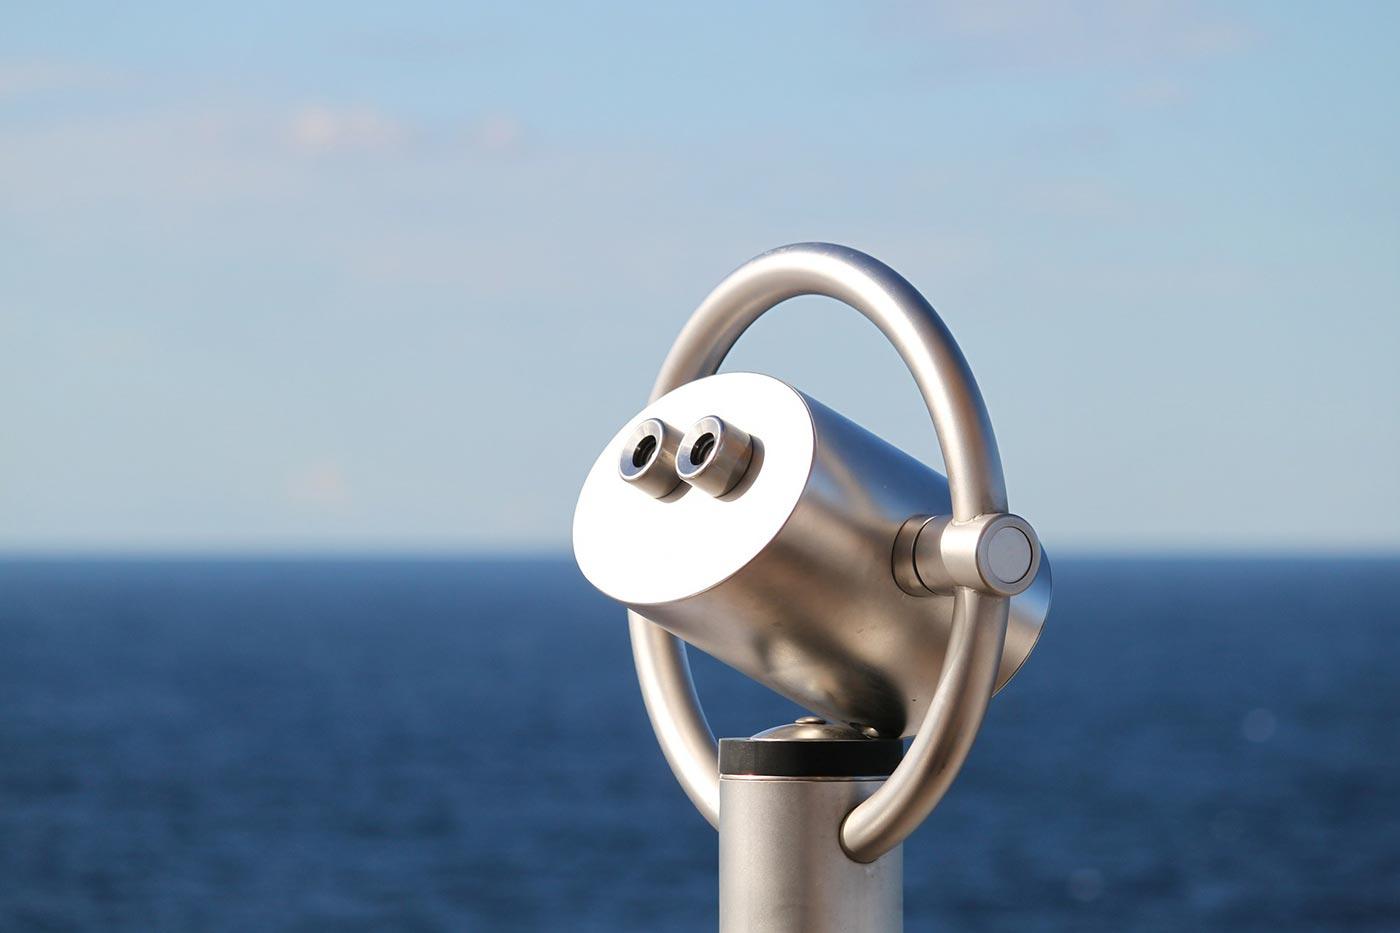 Telescope looking over water